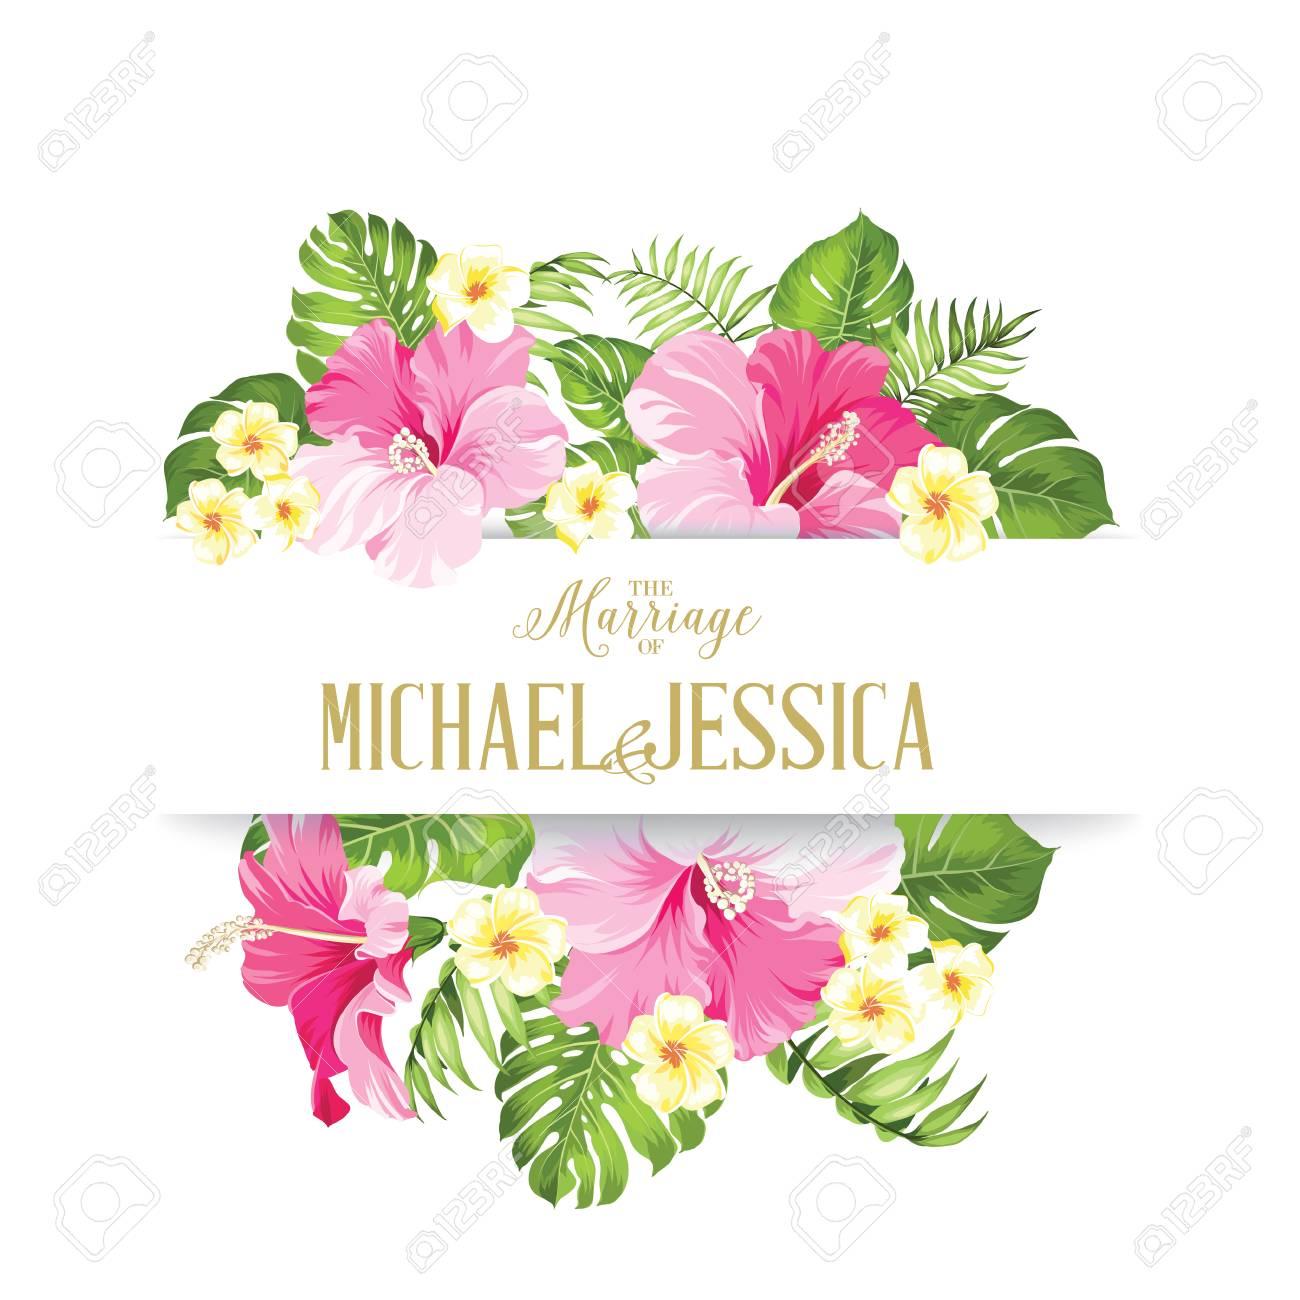 La Tarjeta De Matrimonio Modelo De La Tarjeta De La Invitación De La Boda Marco De Flores Tropicales En Estilo Vintage Tarjeta De Invitación De